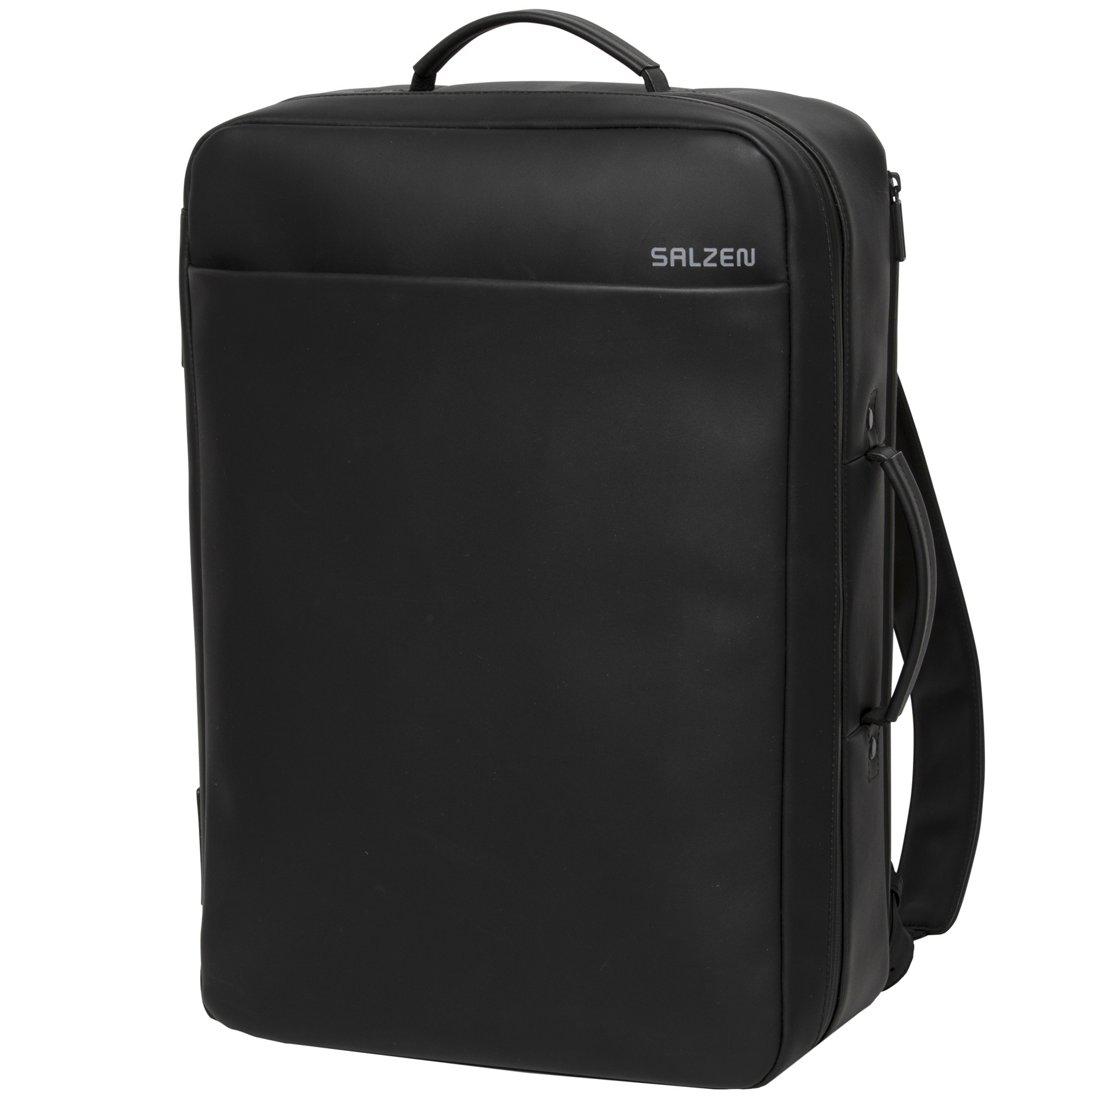 5c5e2c6cb06c1 Salzen Backpacks Weekend Rucksack 46 cm - koffer-direkt.de